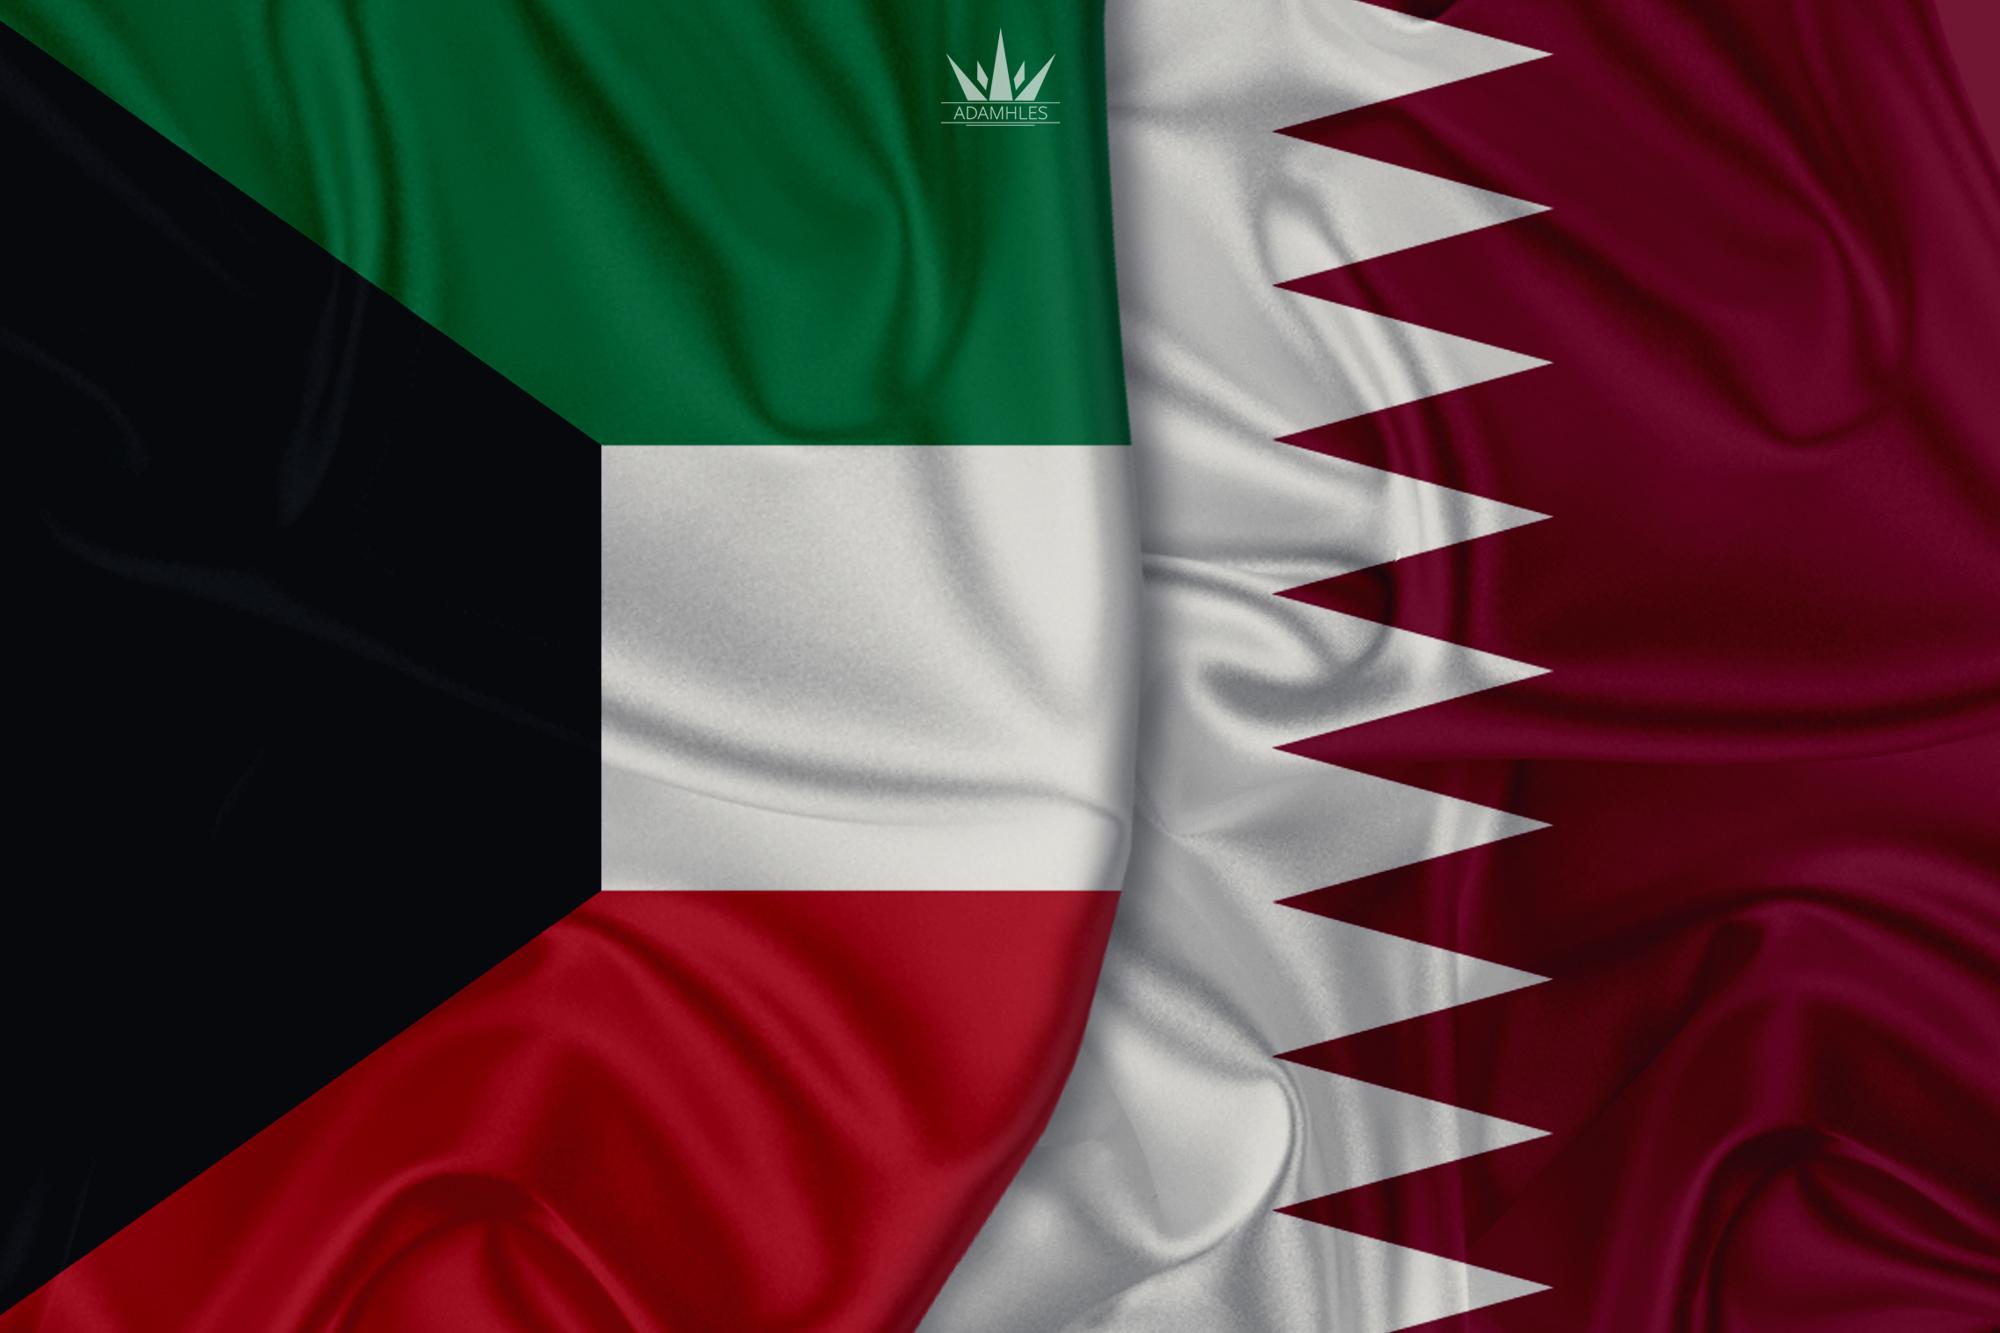 خلفية علم الكويت وقطر اجمل خلفيات العلم القطري والعلم الكويتي Kuwait and Qatar